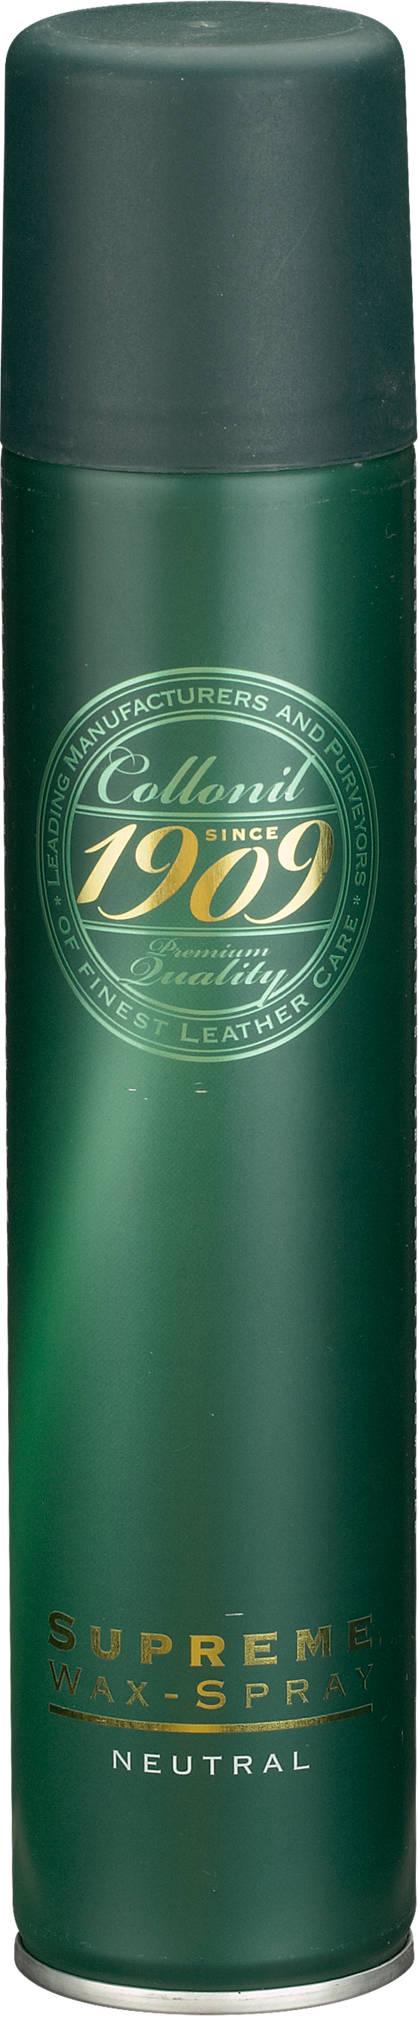 Collonil 200 ml Collonil 1909 Supreme Wax (6,25 EUR  100 ml)